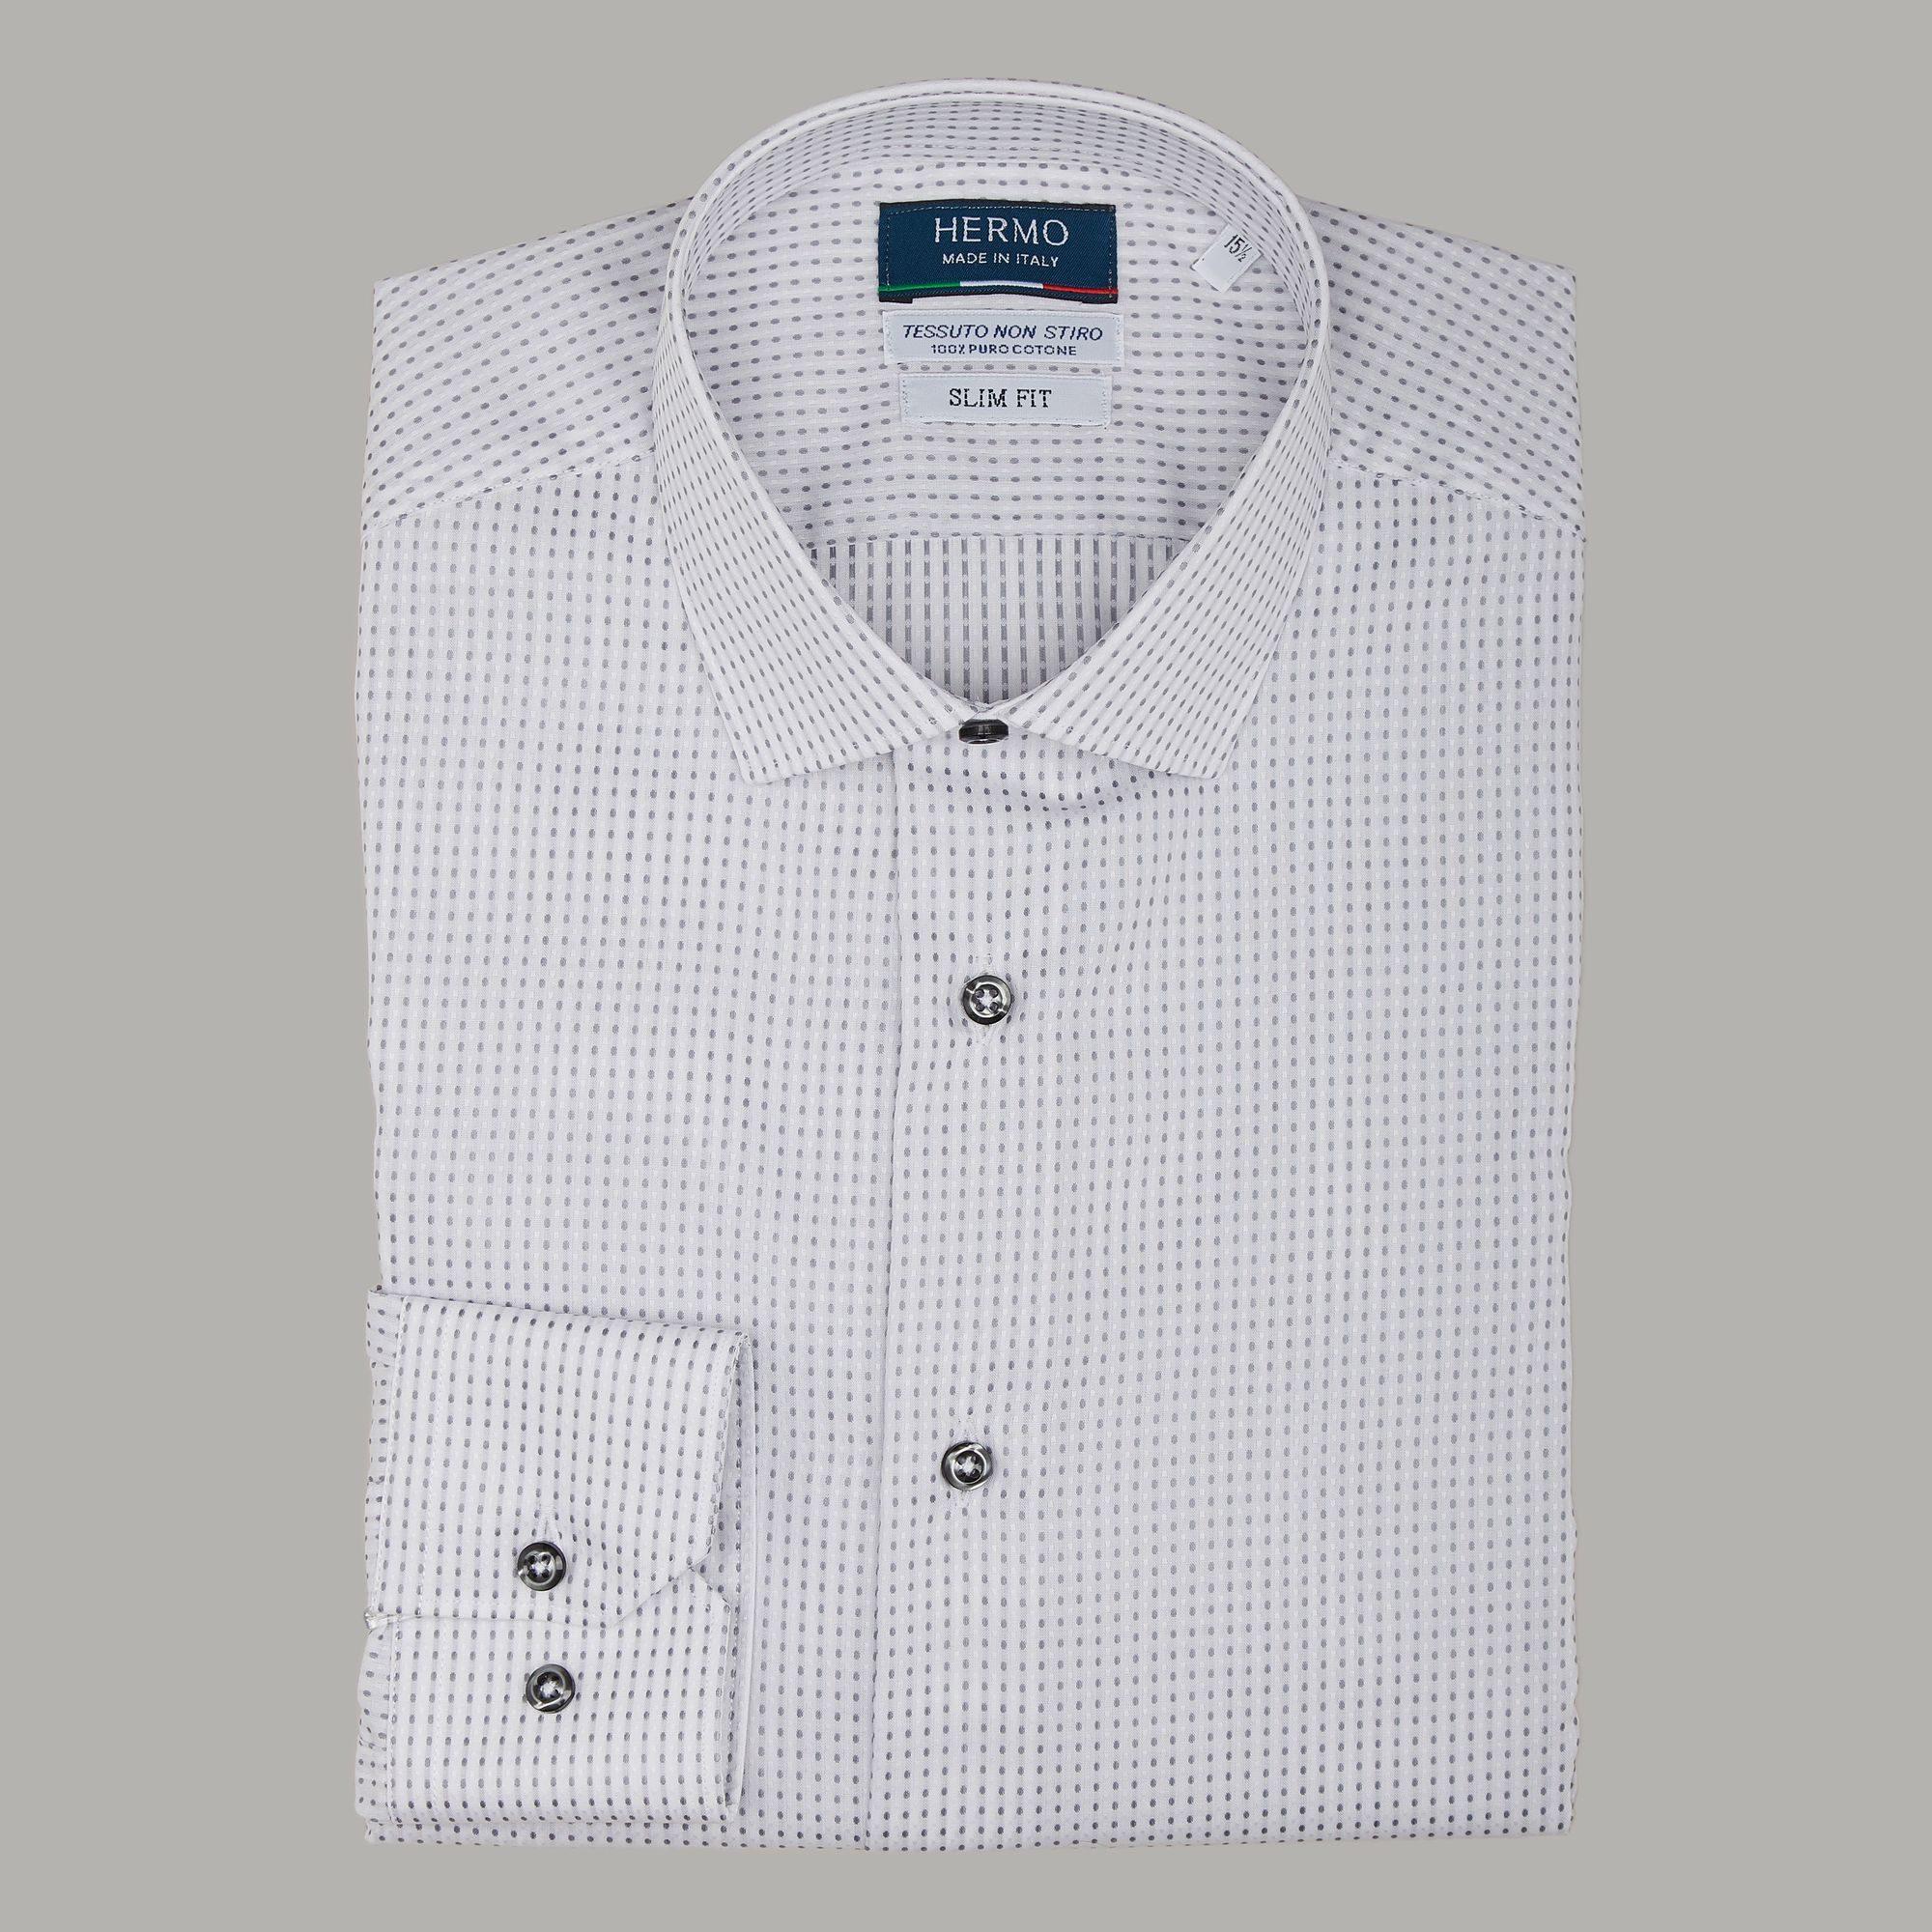 Camicia da uomo slim di tendenza non stiro